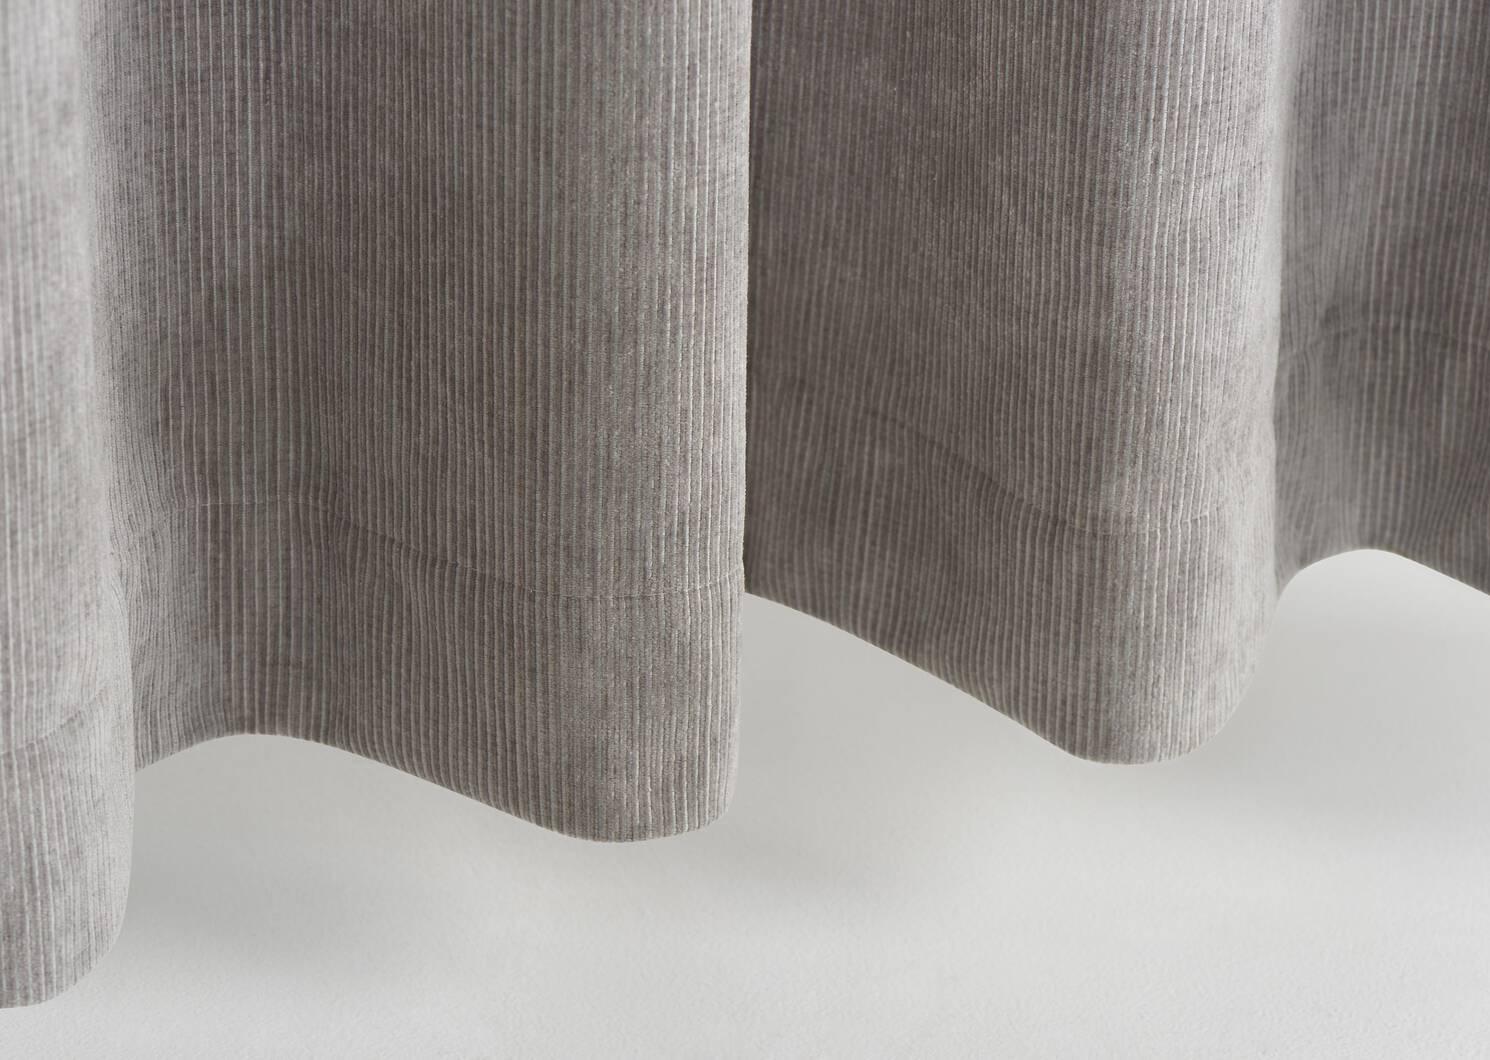 Rideau Marceline 96 gris argenté